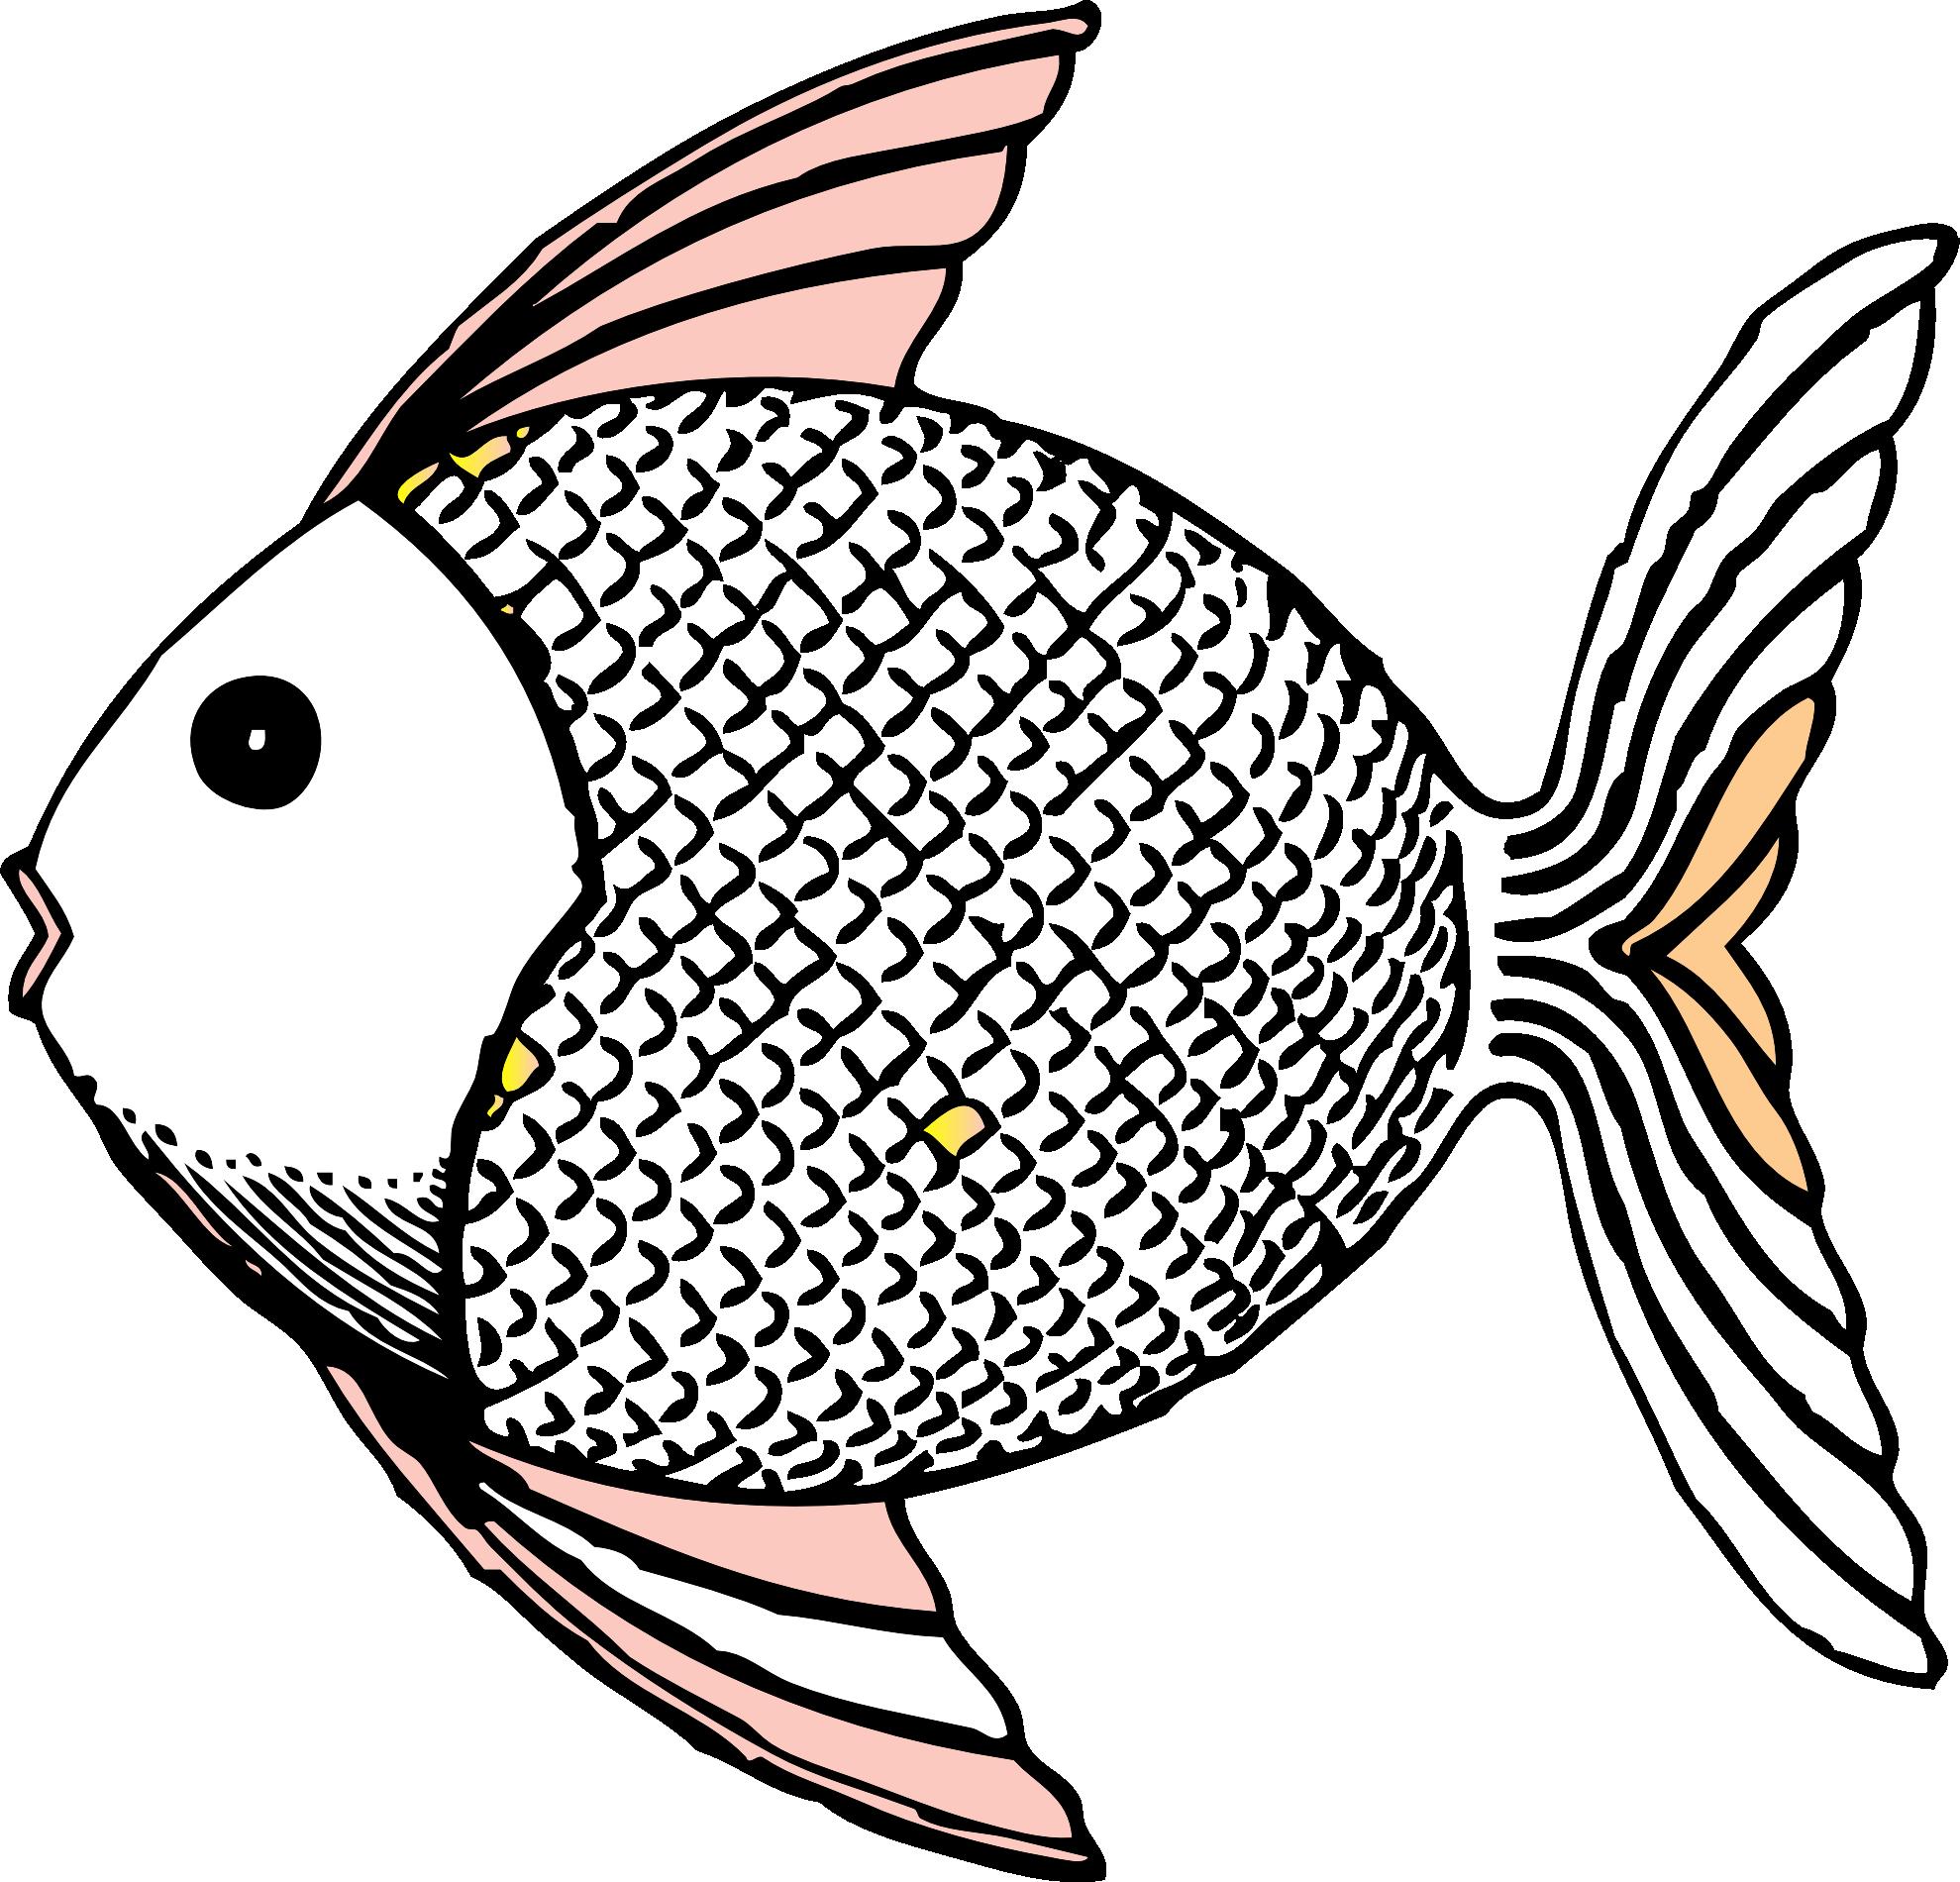 fish clipart white - photo #1